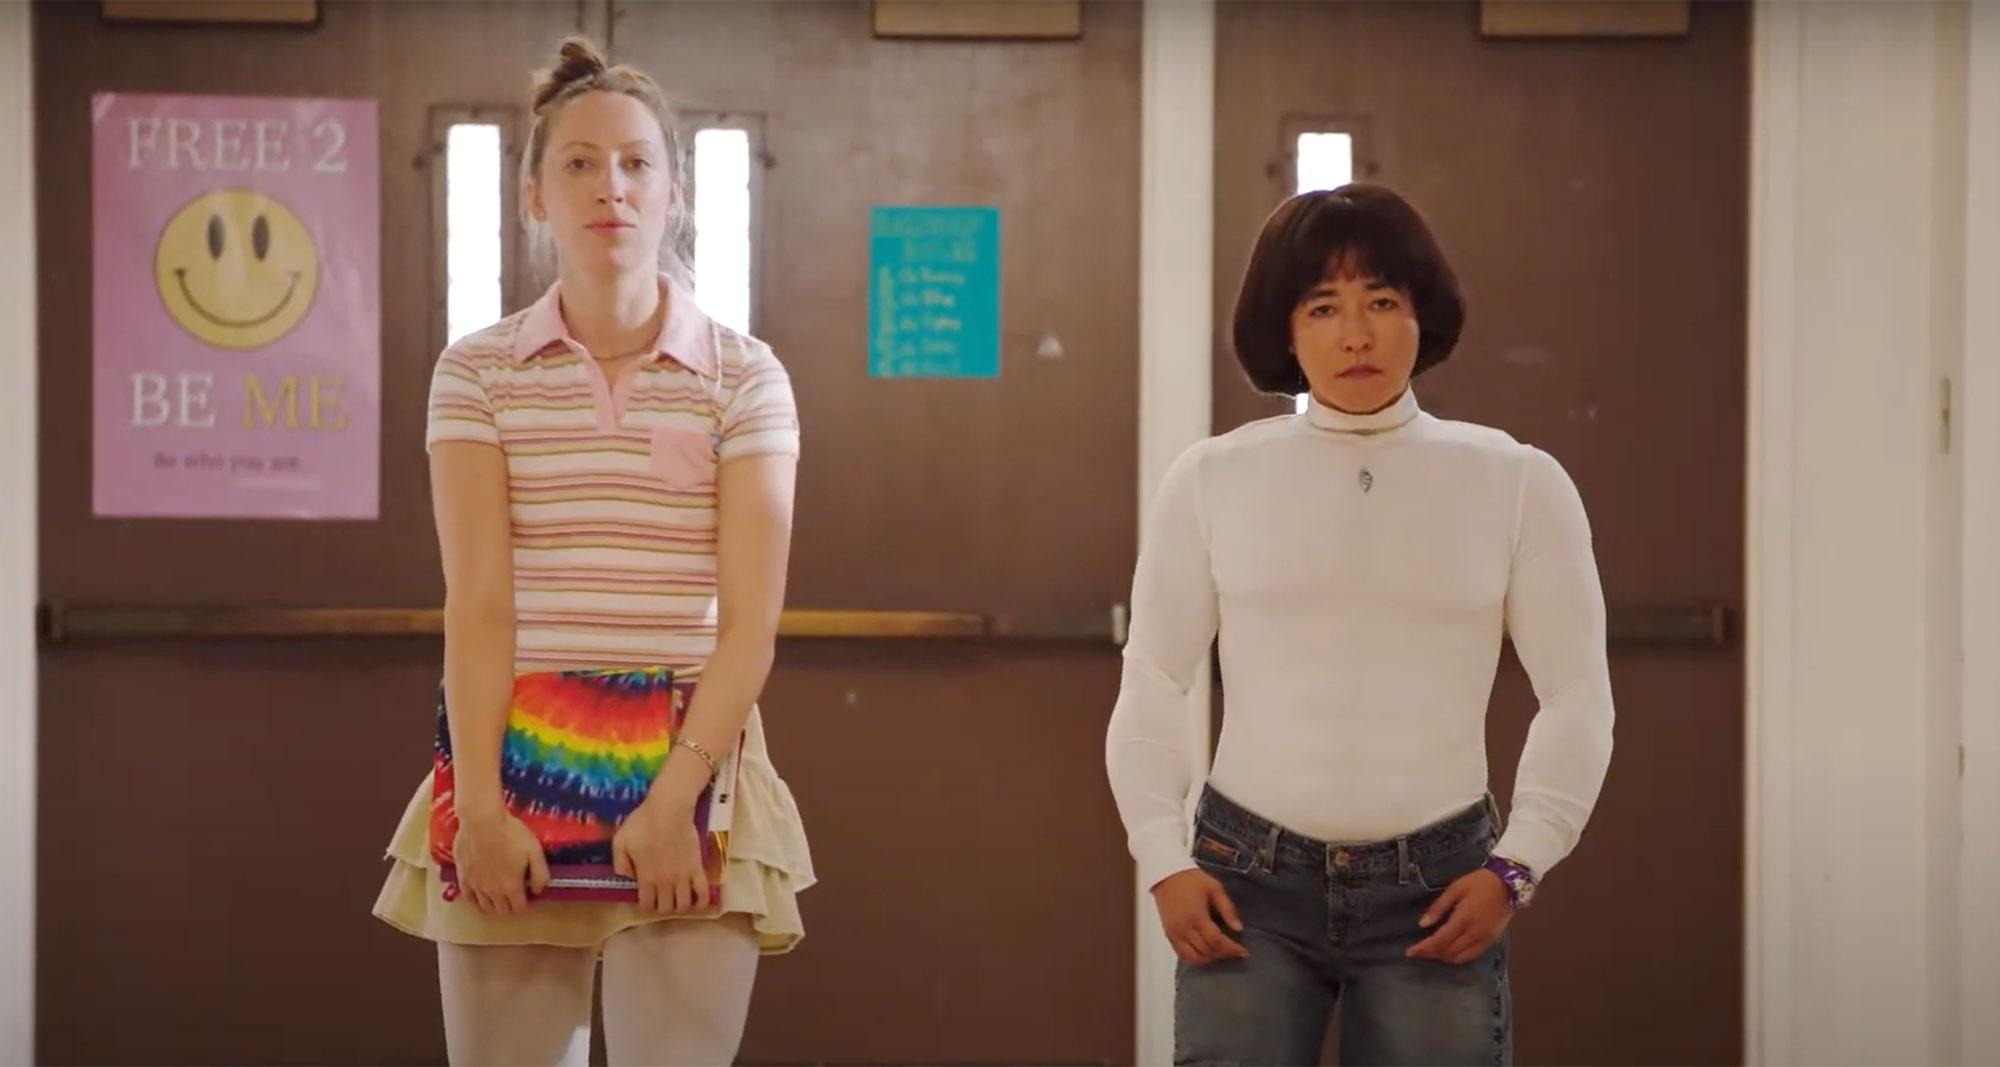 Cena da série Pen15. Vemos duas mulheres adultas andando pelo corredor de uma escola. A da direita é asiática, tem cabelo preto com corte tigelinha, usa uma camisa branca com enchimento para parecer que está musculosa e veste uma calça jeans. A mulher da esquerda é branca, loira com cabelo longo preso num coque, veste uma camiseta listrada e usa uma saia amarela. Ela carrega seu material escolar nas mãos.